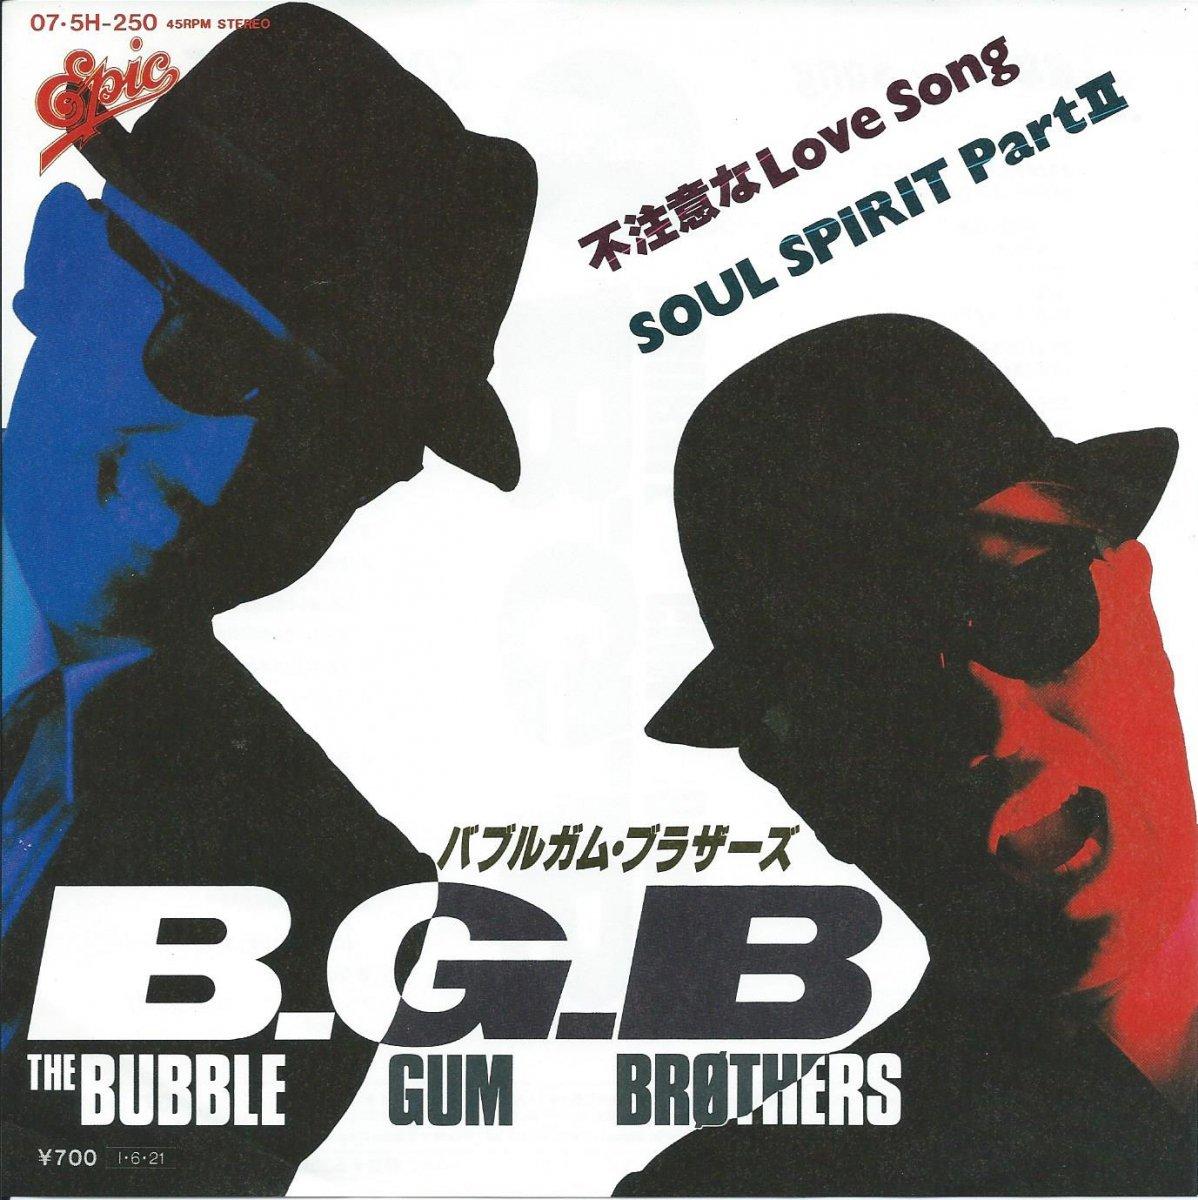 バブルガム・ブラザーズ THE BUBBLE GUM BROTHERS (B.G.B.) / 不注意なLOVE SONG / SOUL SPIRIT PART II (7